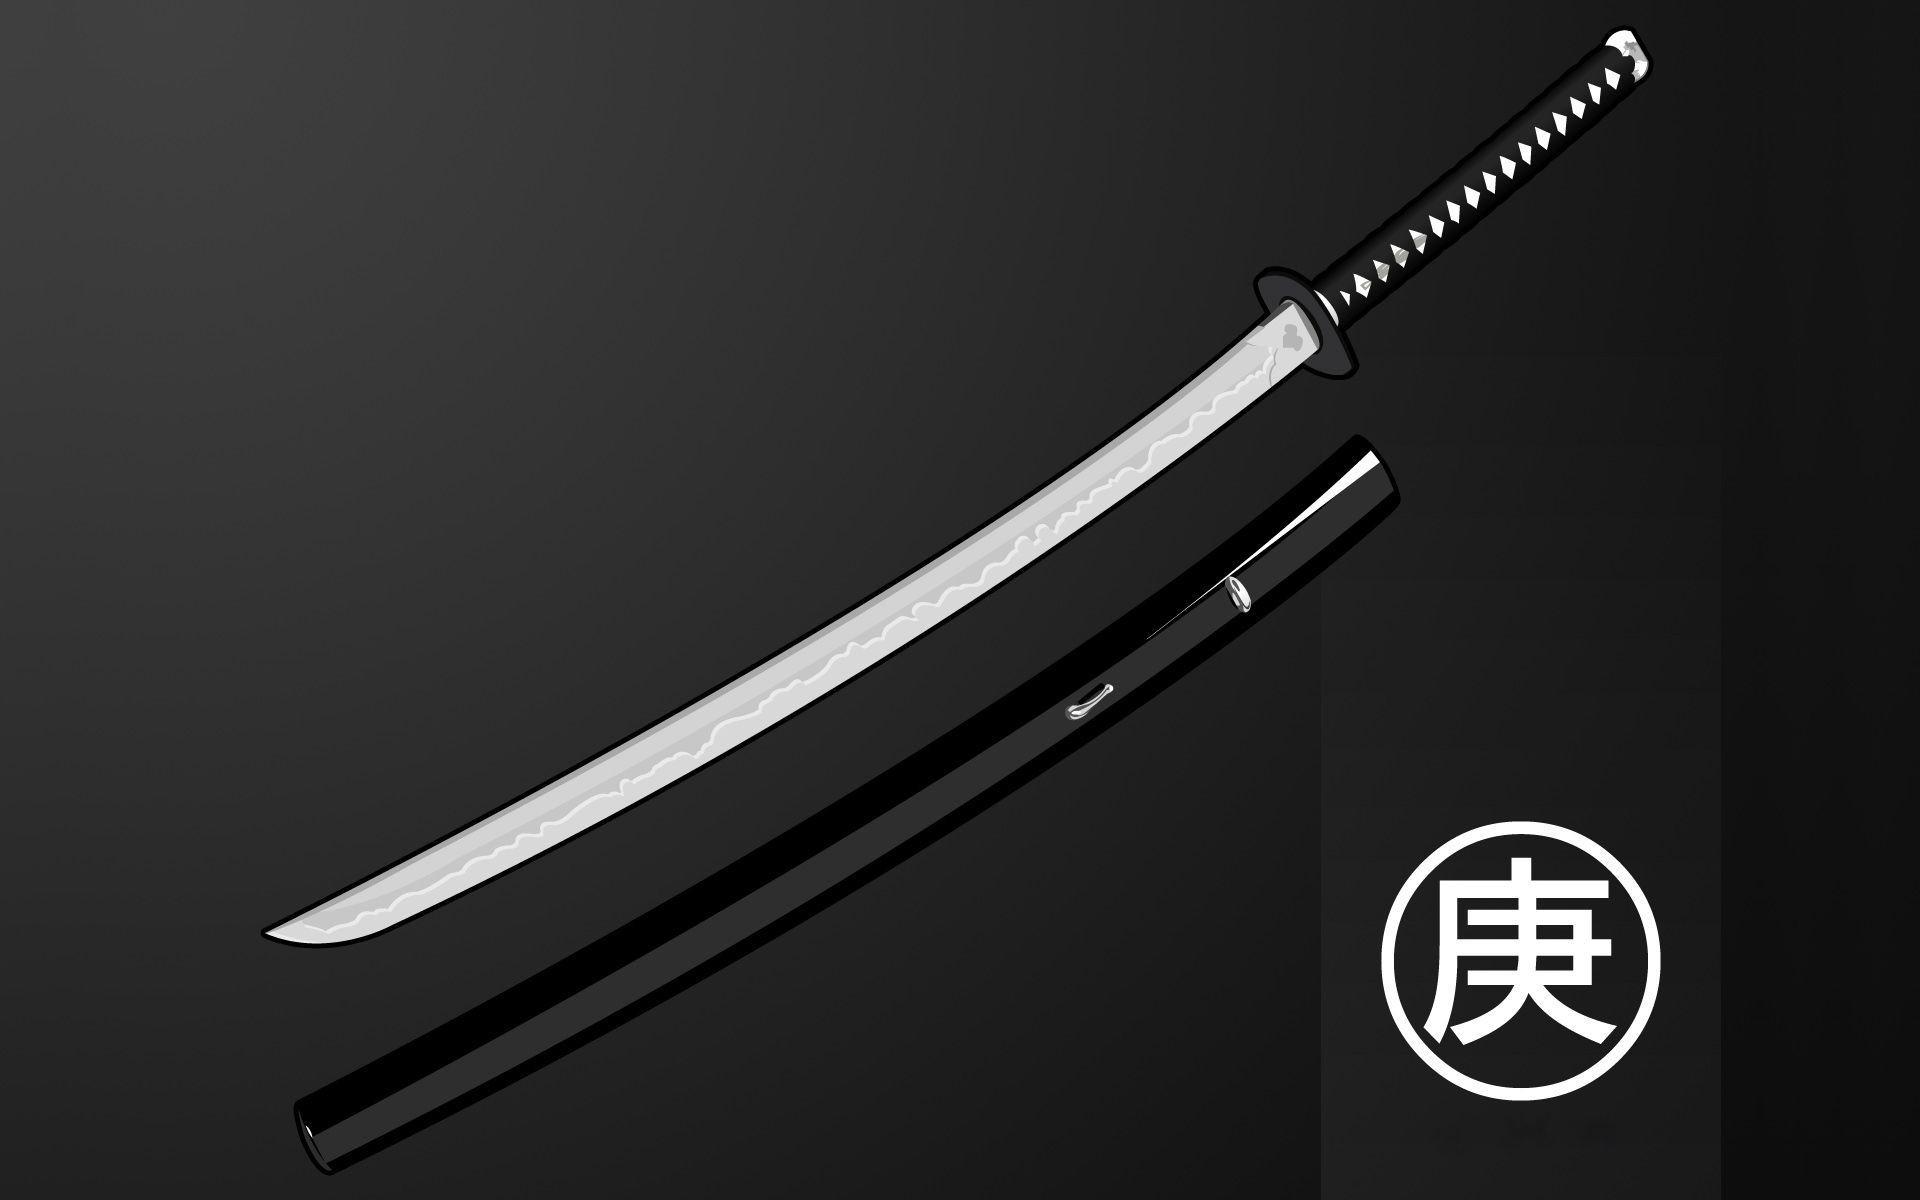 Samurai Sword Wallpaper and Katana Sword Wallpaper HD